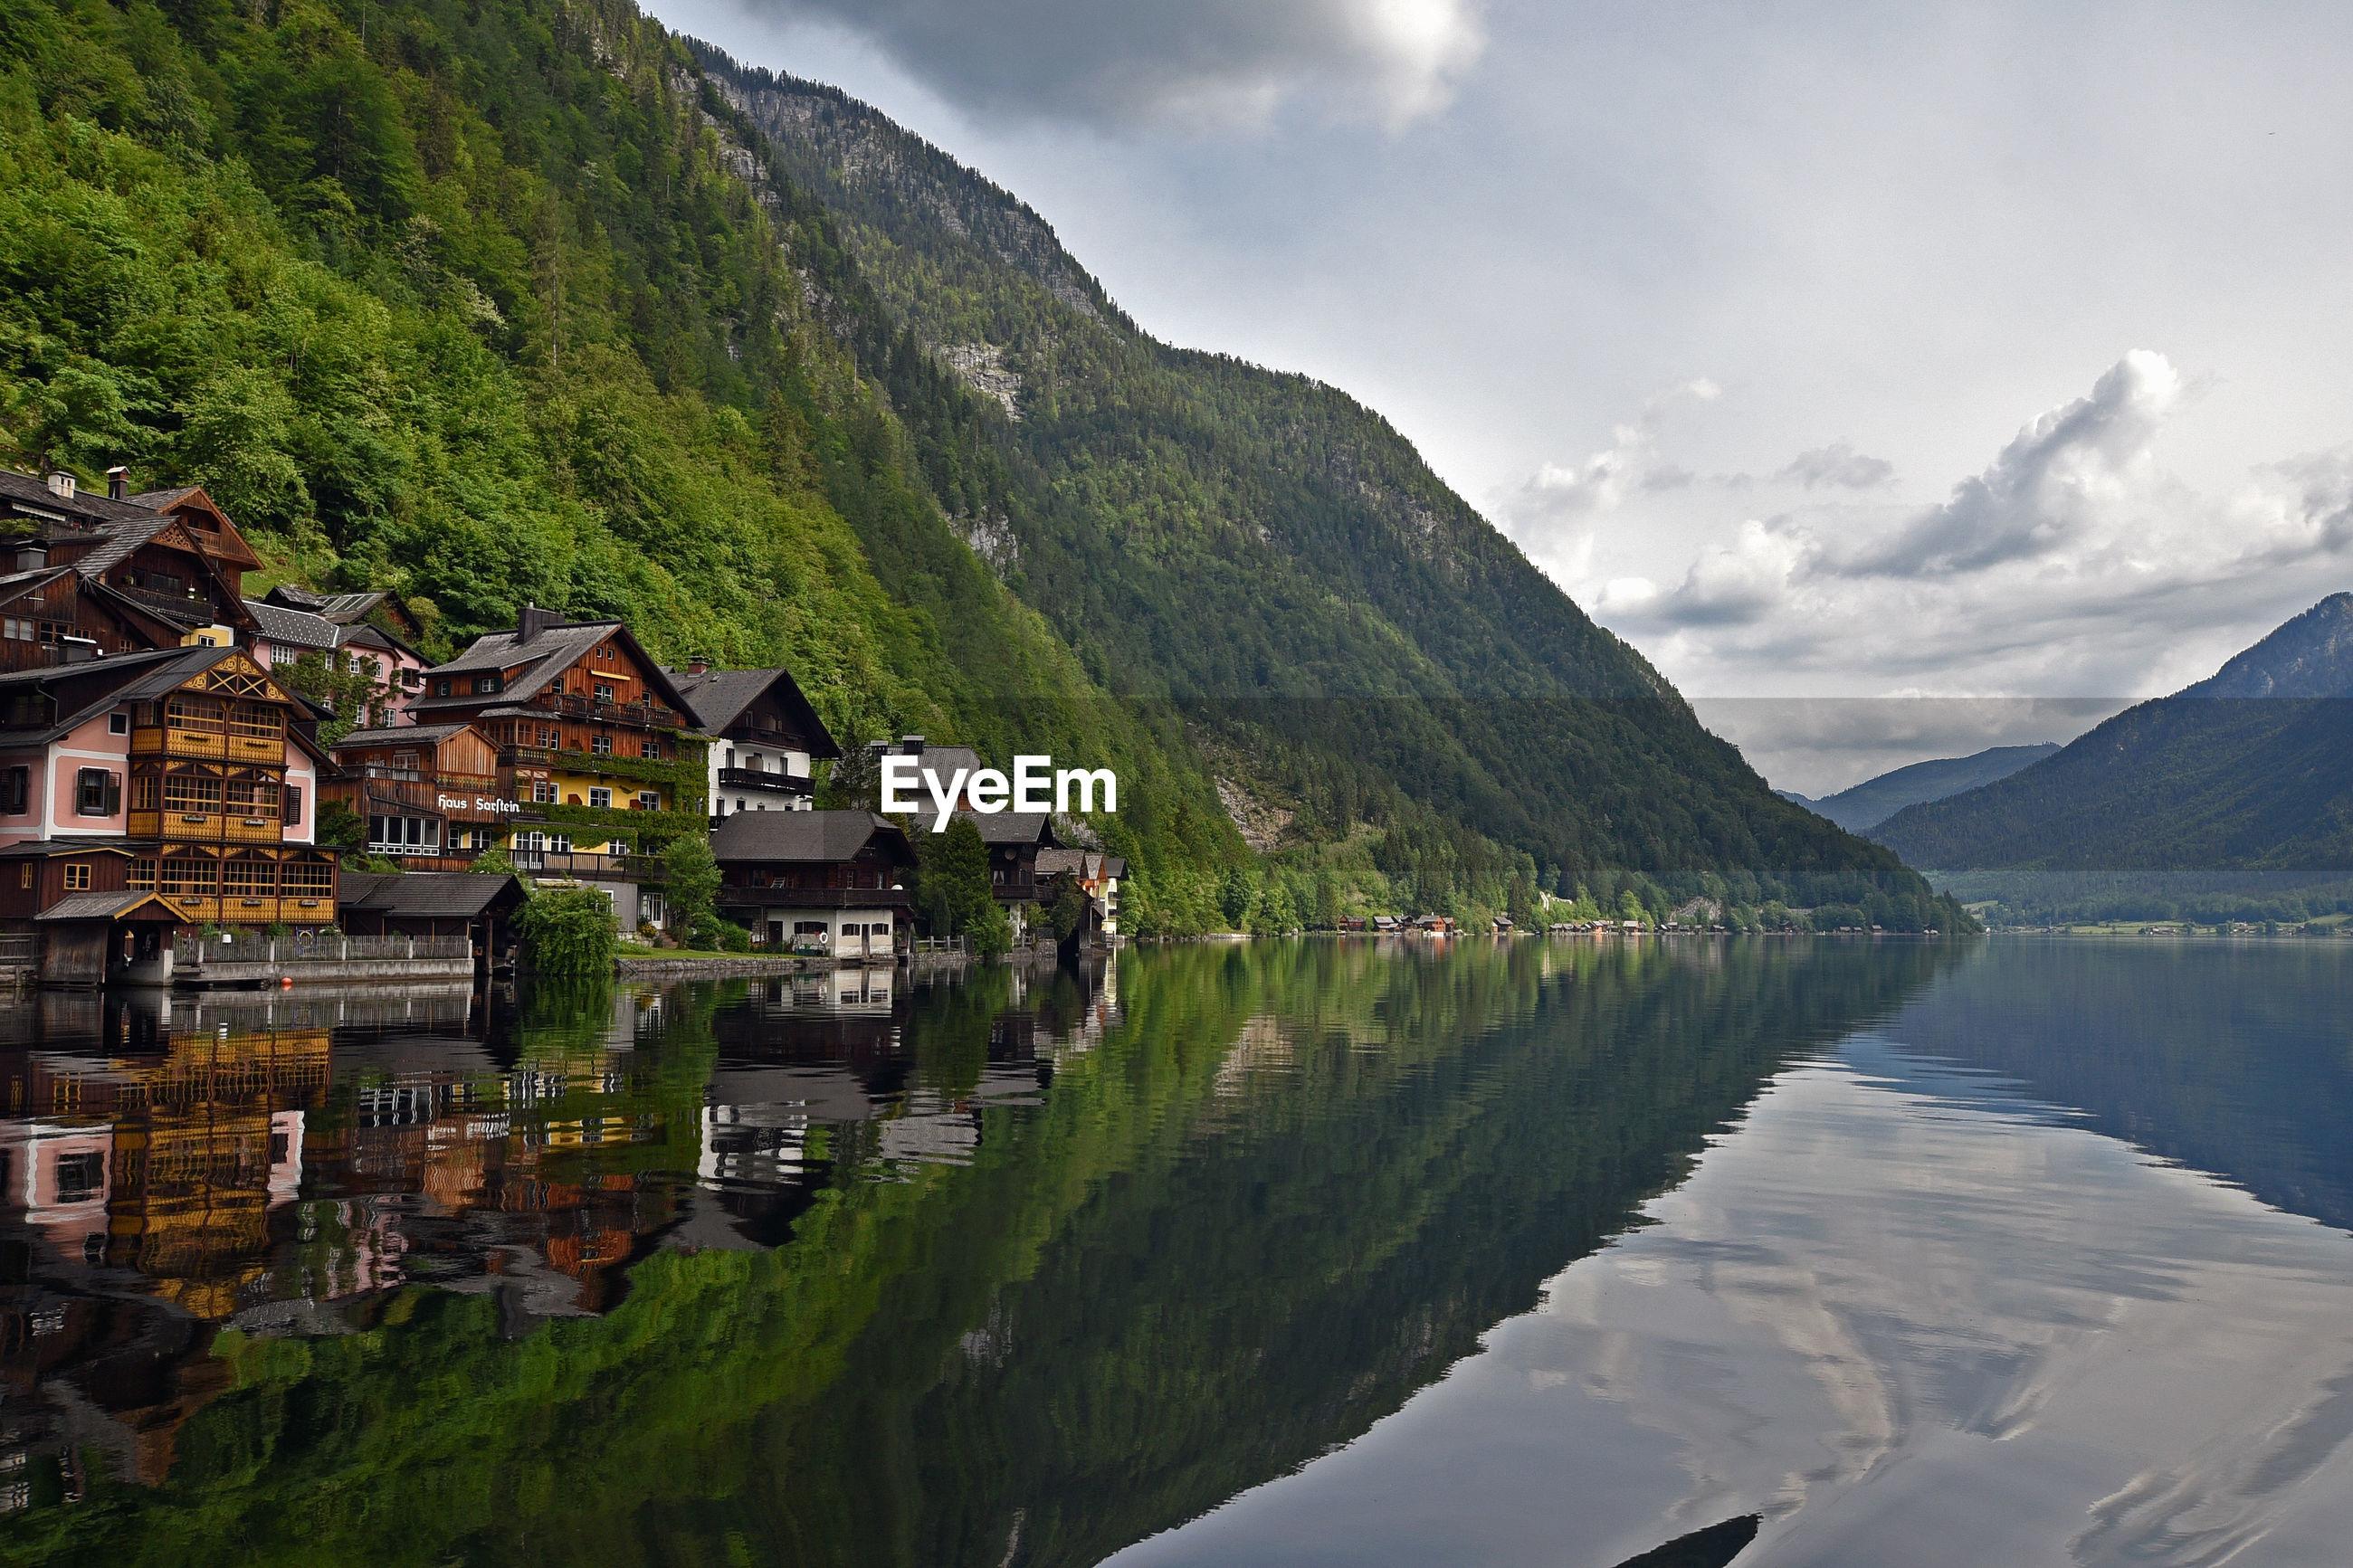 LAKE BY BUILDINGS AGAINST SKY